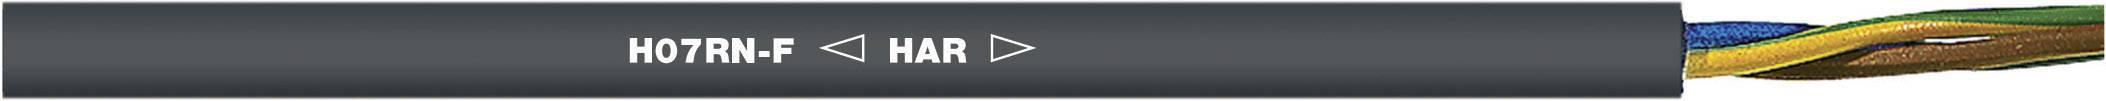 Gumový kabel LappKabel H07RN-F, 5x24 mm², černá